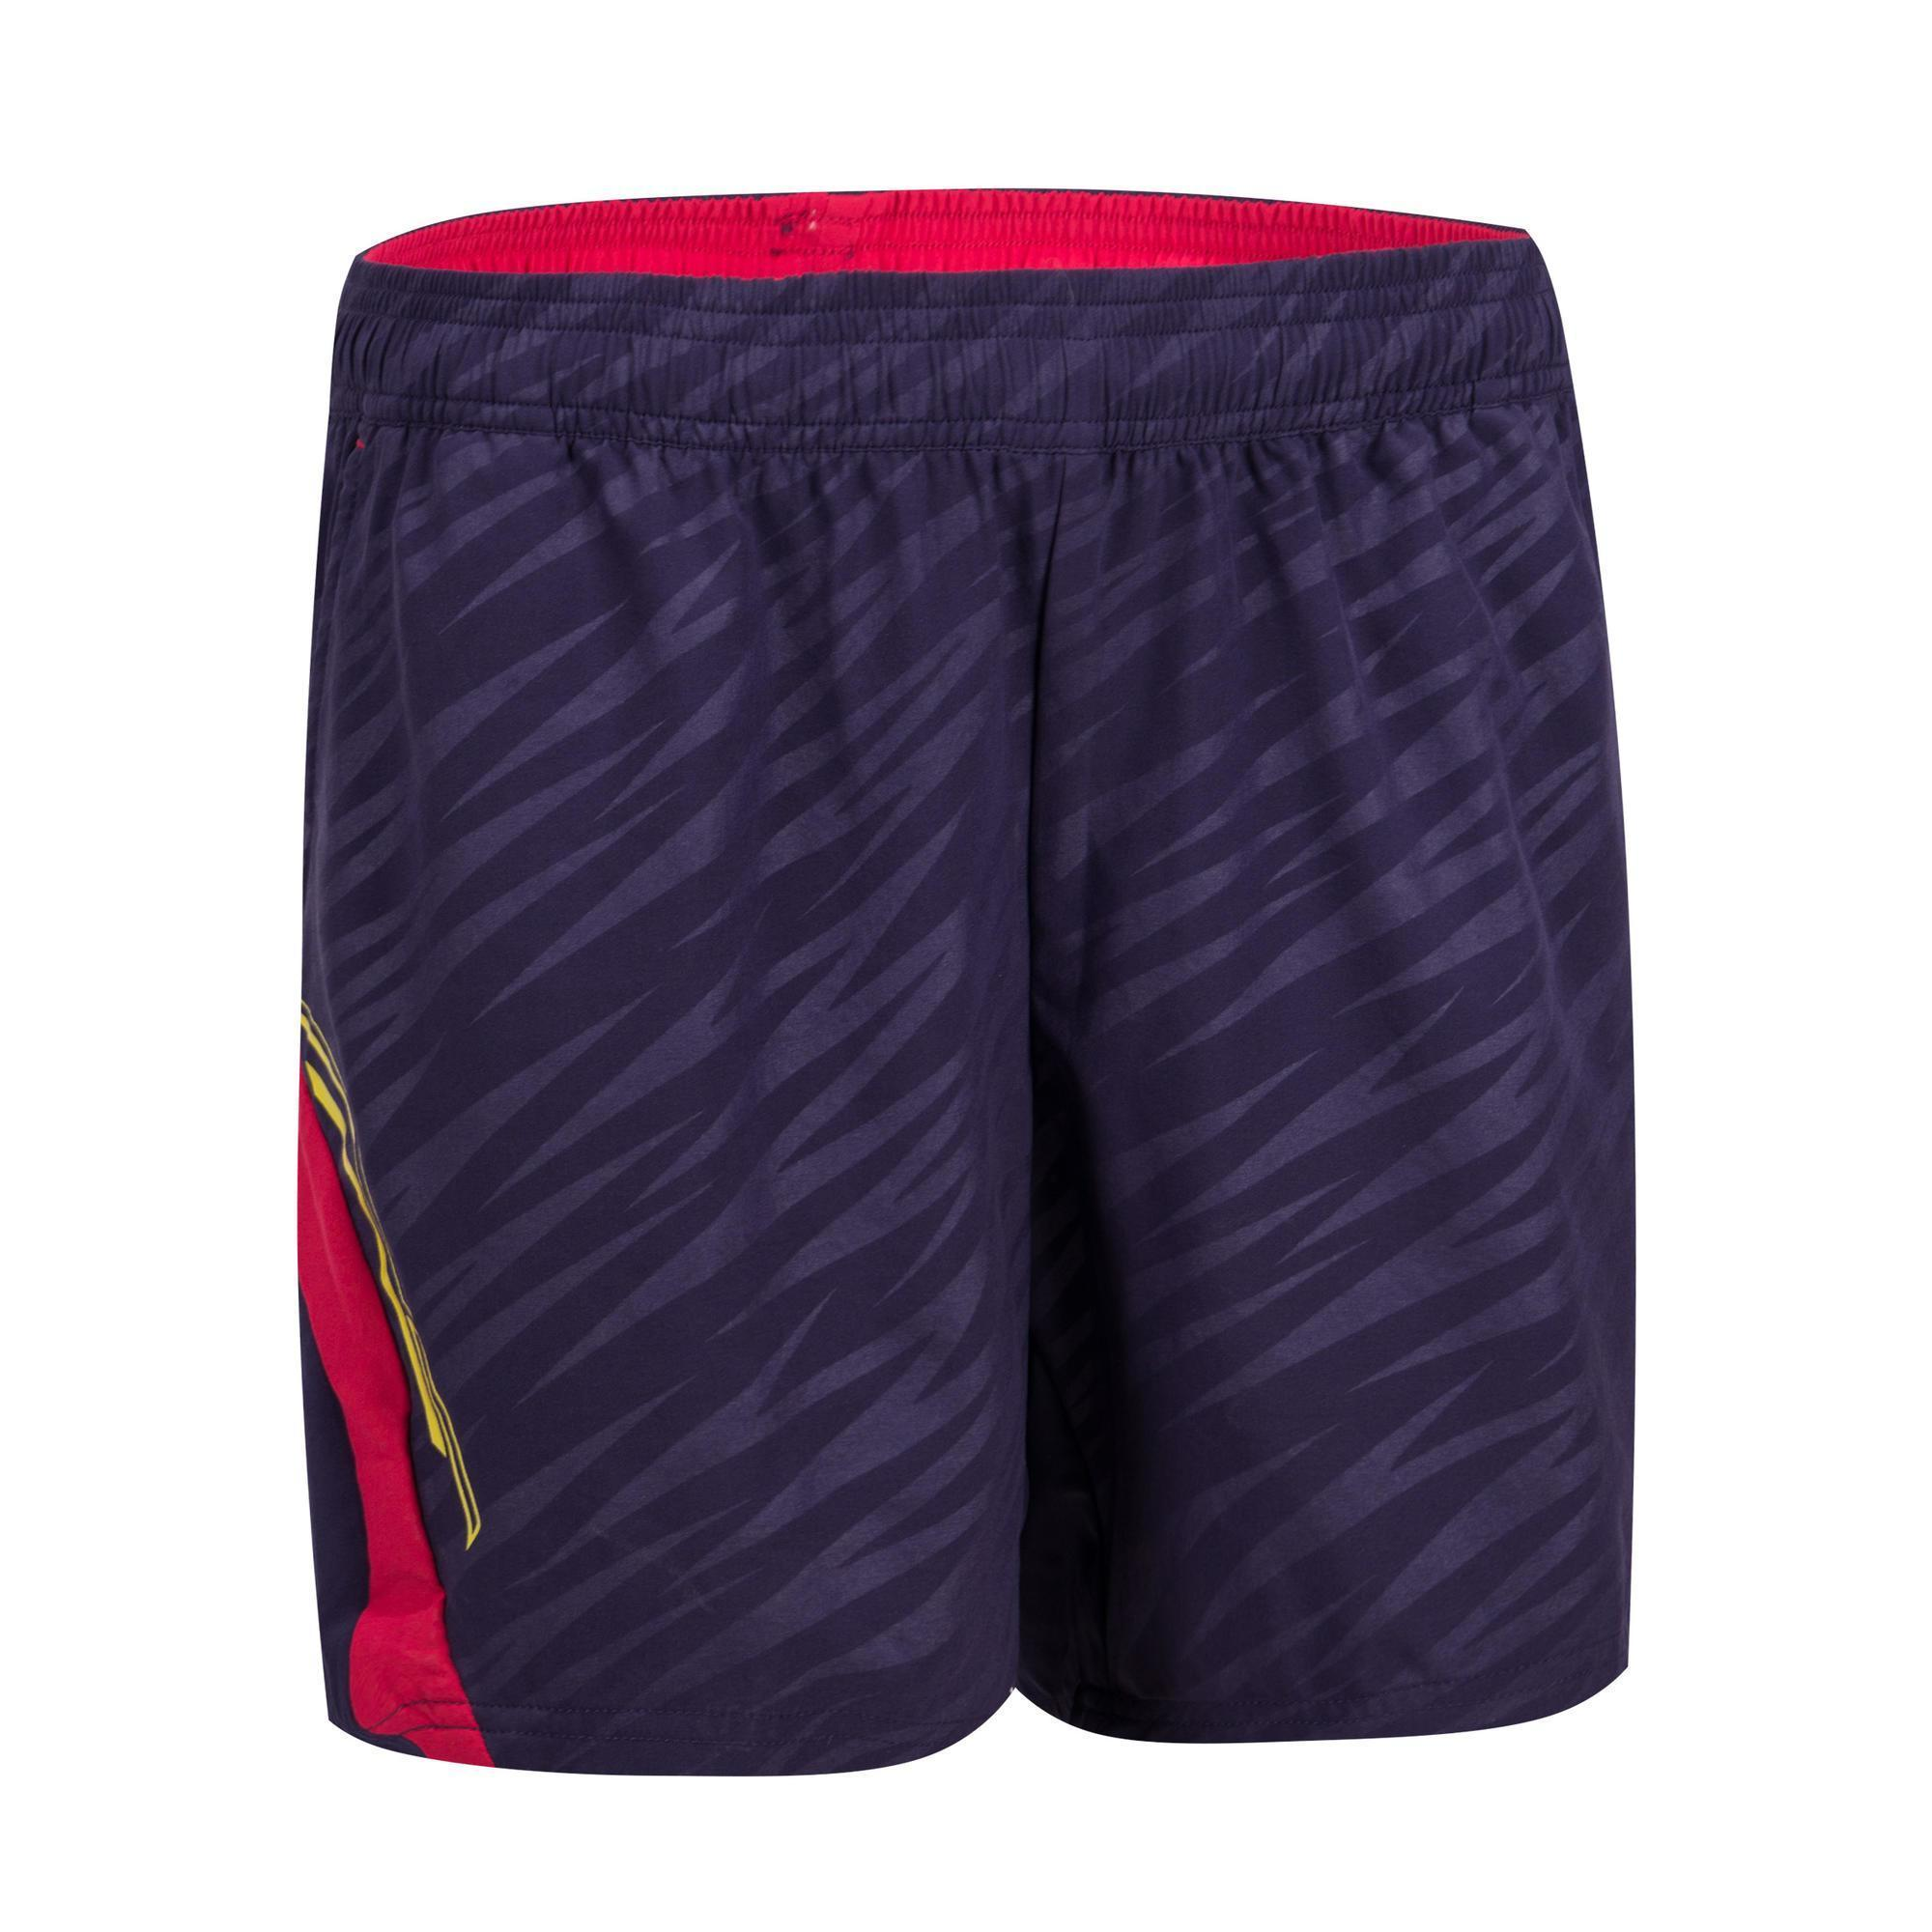 b5987b0f56d Vêtements de squash   Shorts pour homme conçu pour le squash